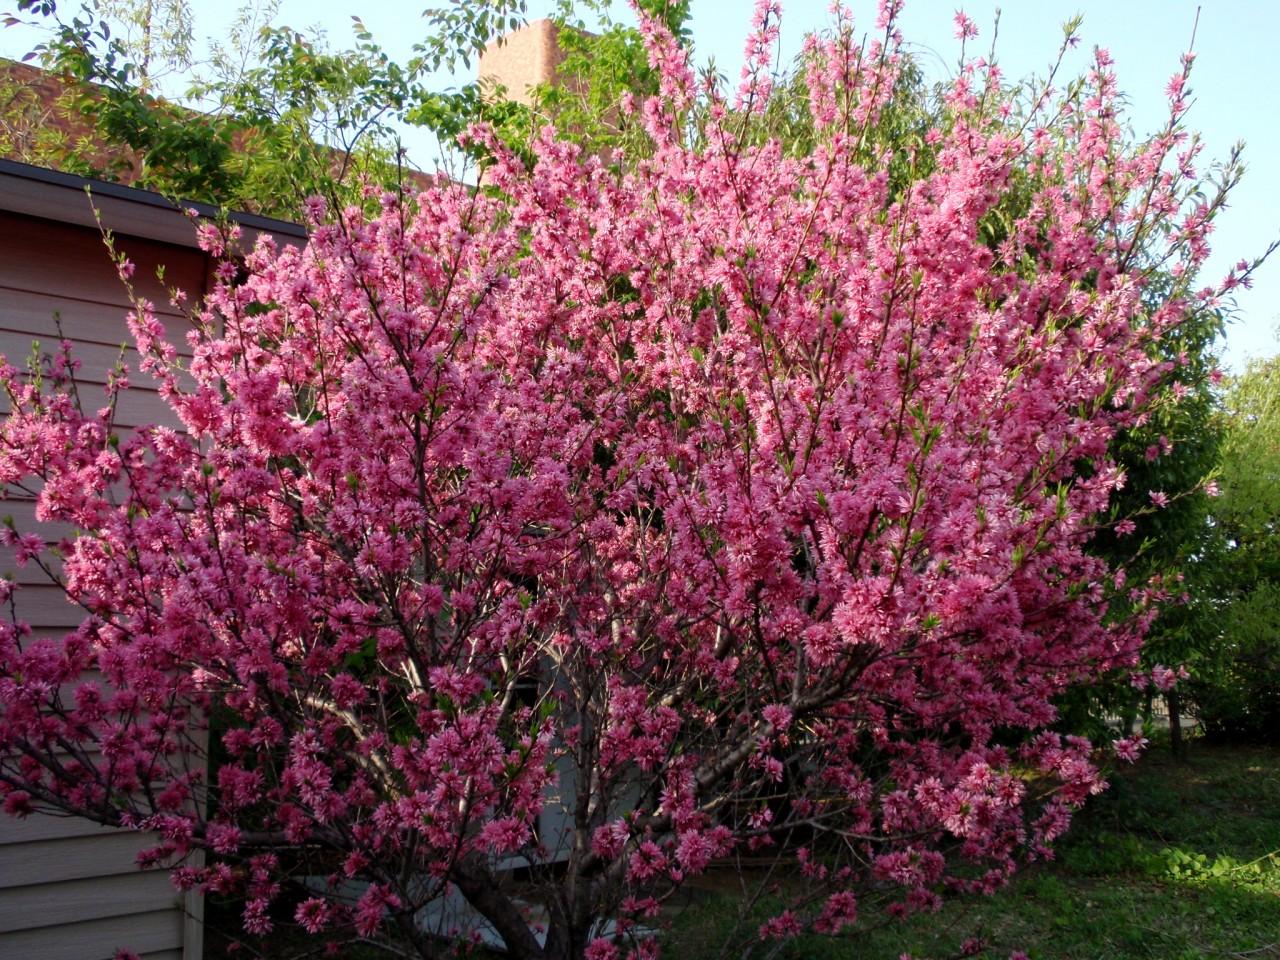 цветущий в начале лета кустарник с крупными белыми и розовыми цветками